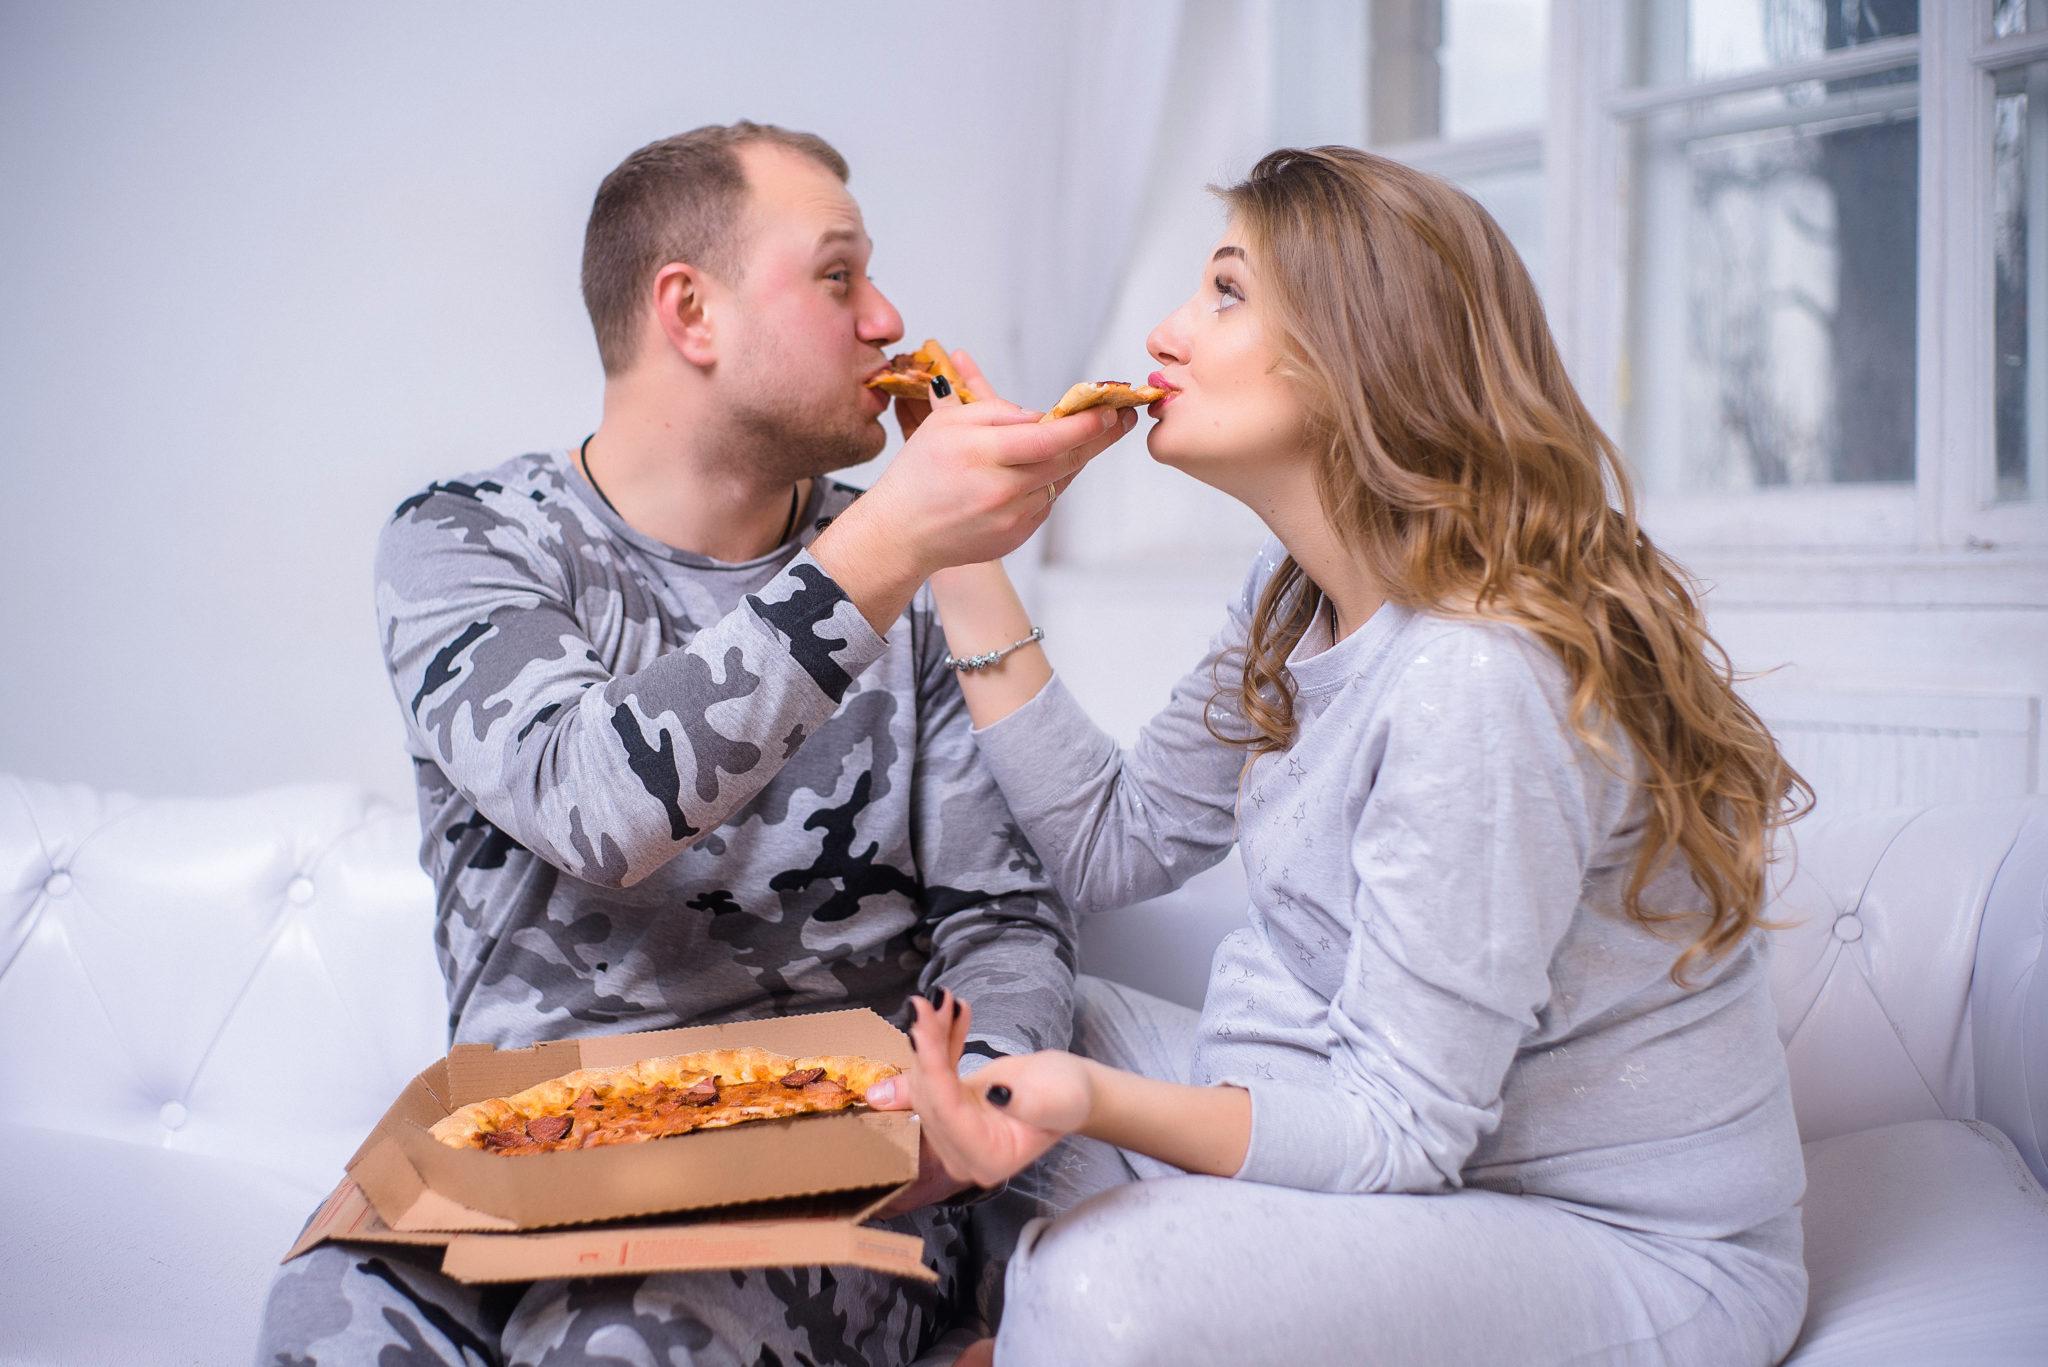 Портфолио фотосессии беременности в студии, фотограф Алиса Постникова, фотография пары, пара кормит друг друга пиццей